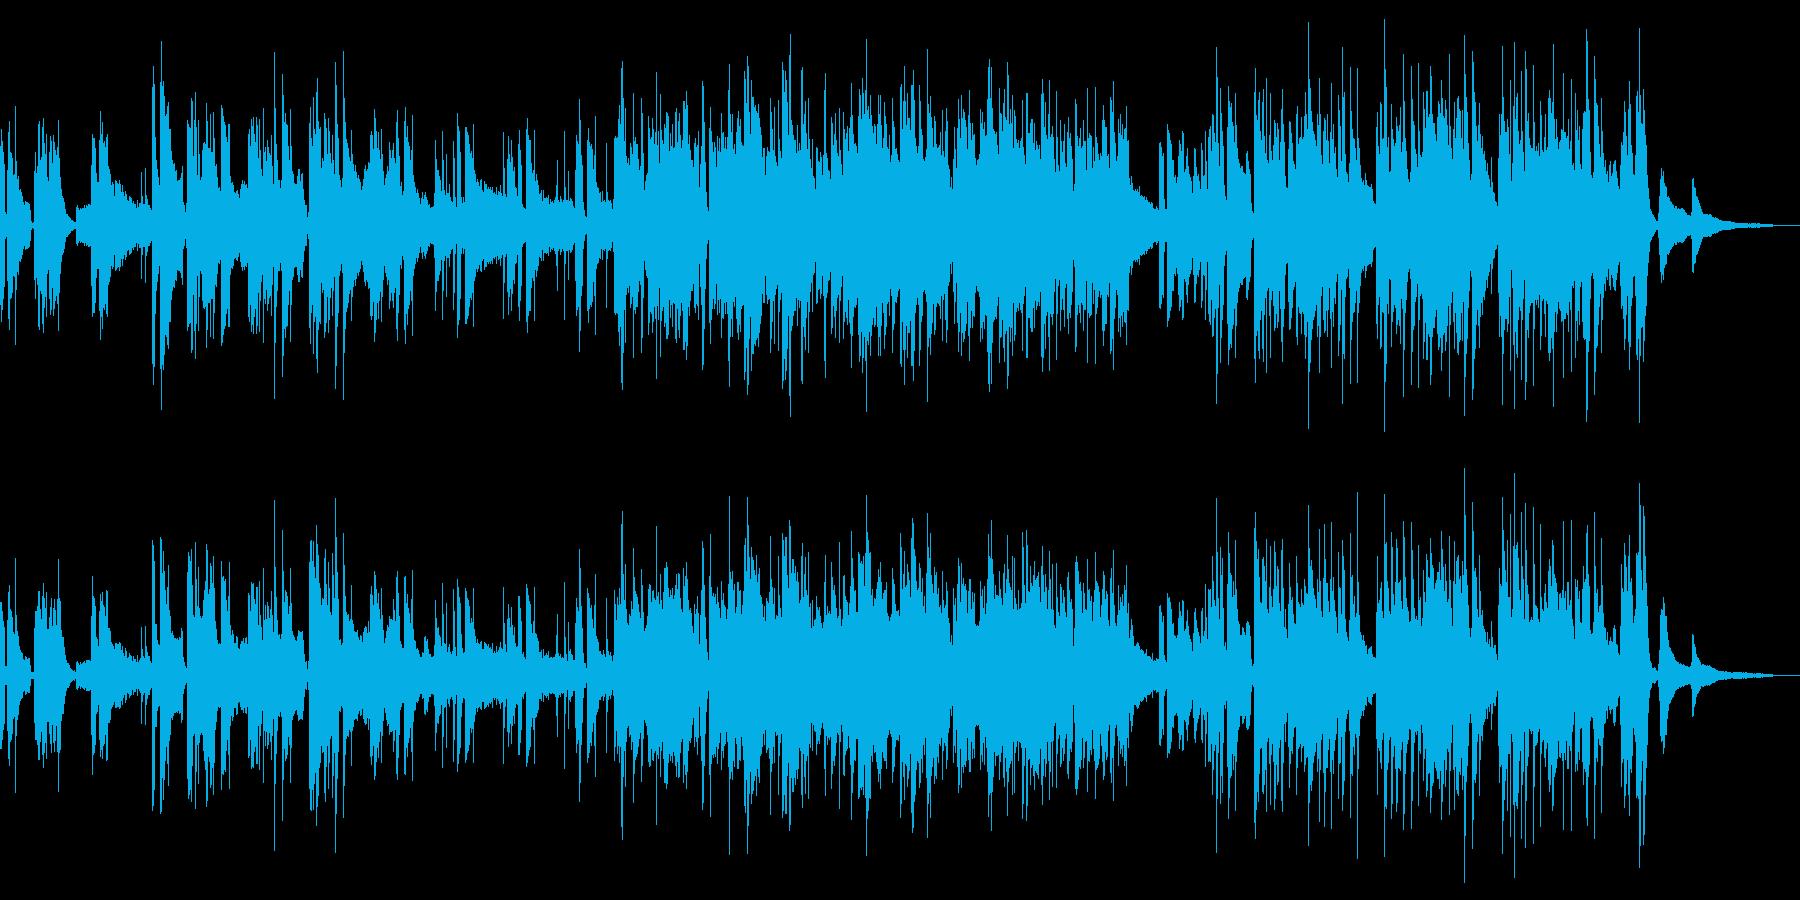 サスペンス、ジャズ、アコースティックの再生済みの波形